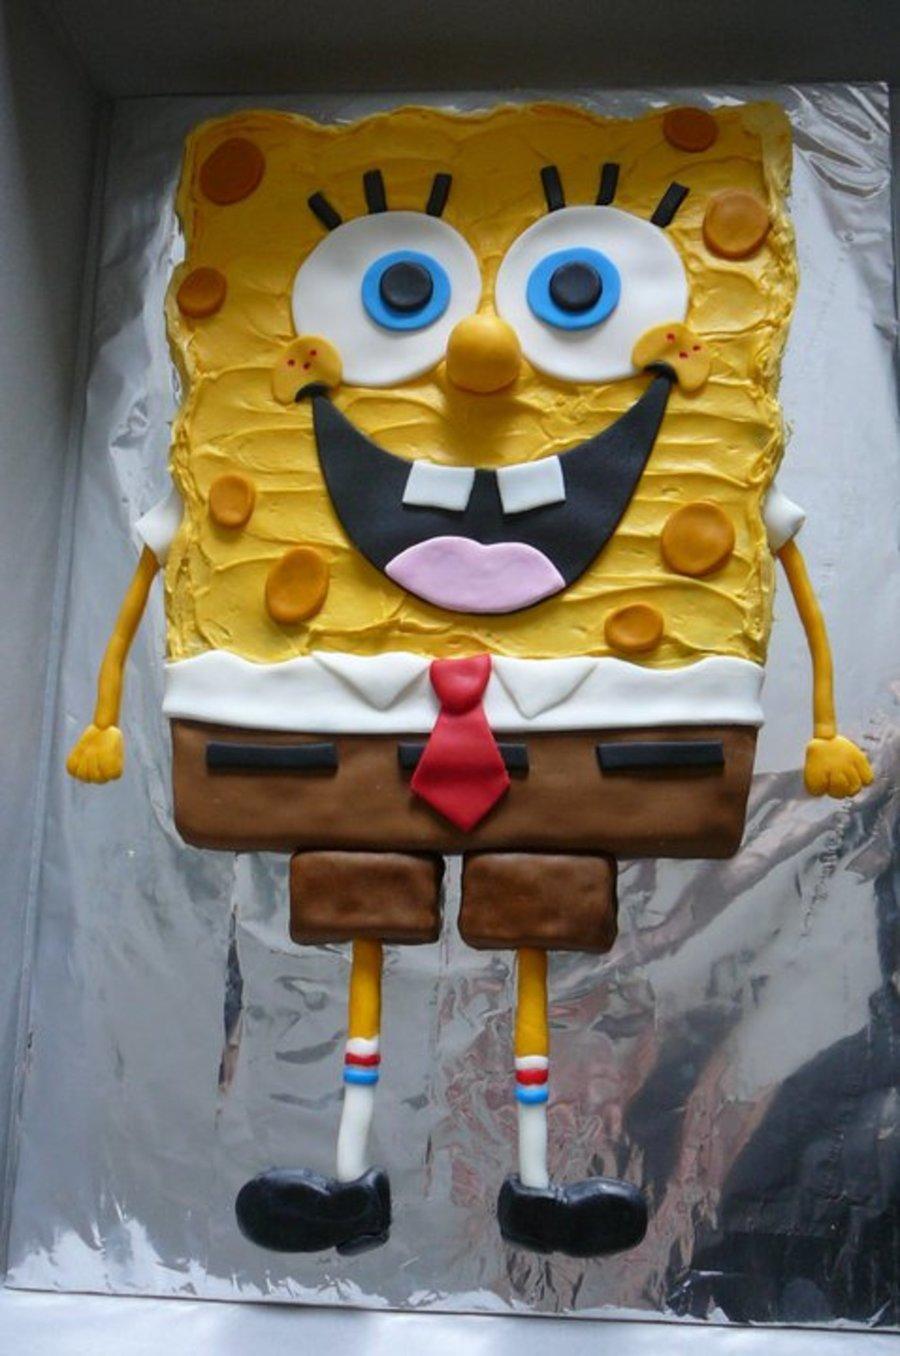 Spongebob Chocolate Chip Cookie Cake - CakeCentral.com